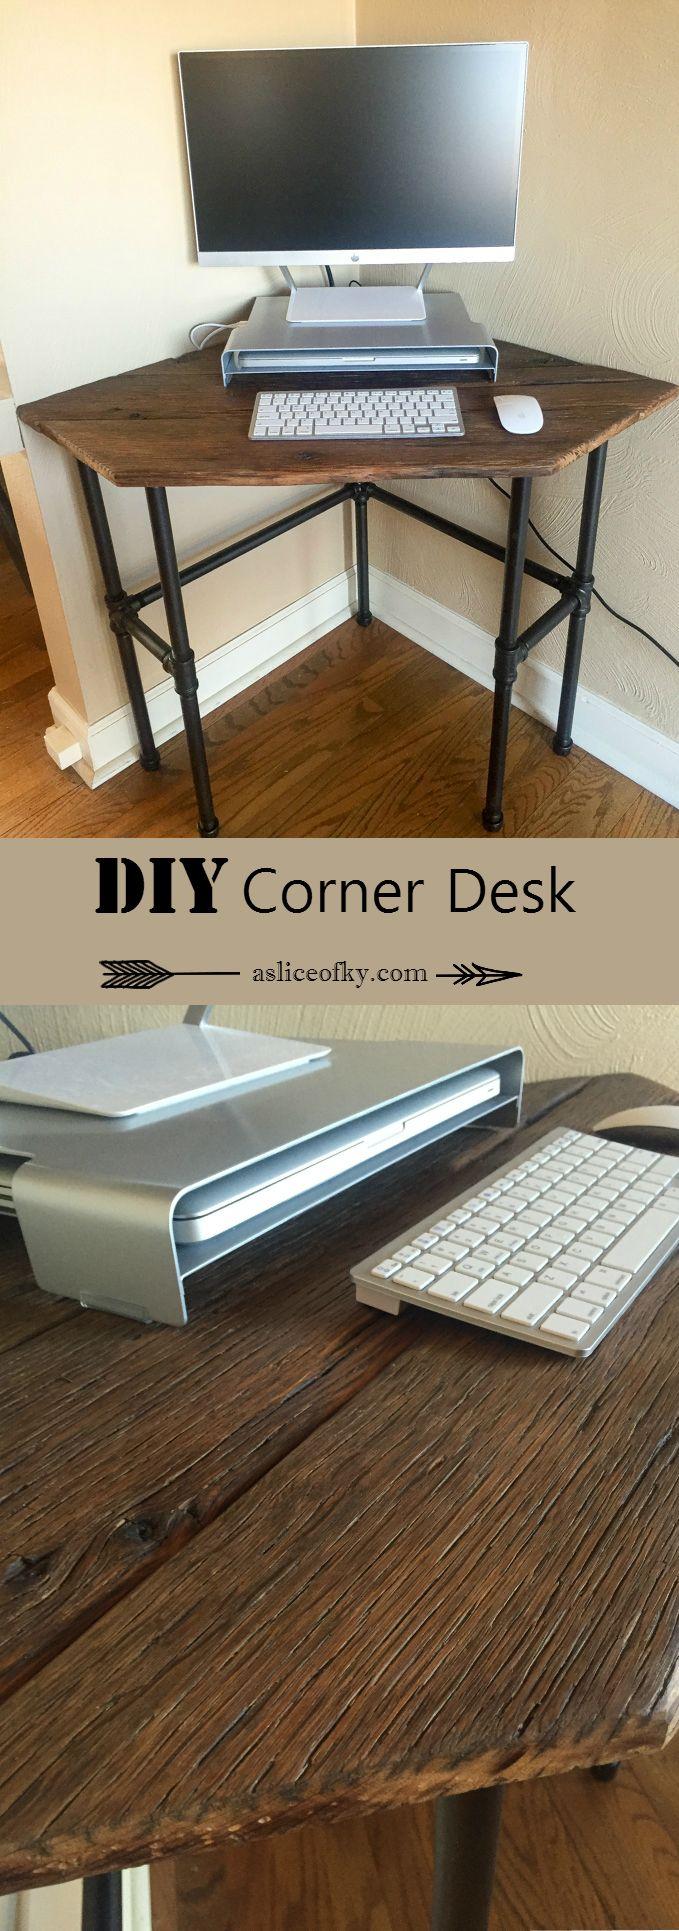 20 best images about office on pinterest base cabinets for Diy corner desk